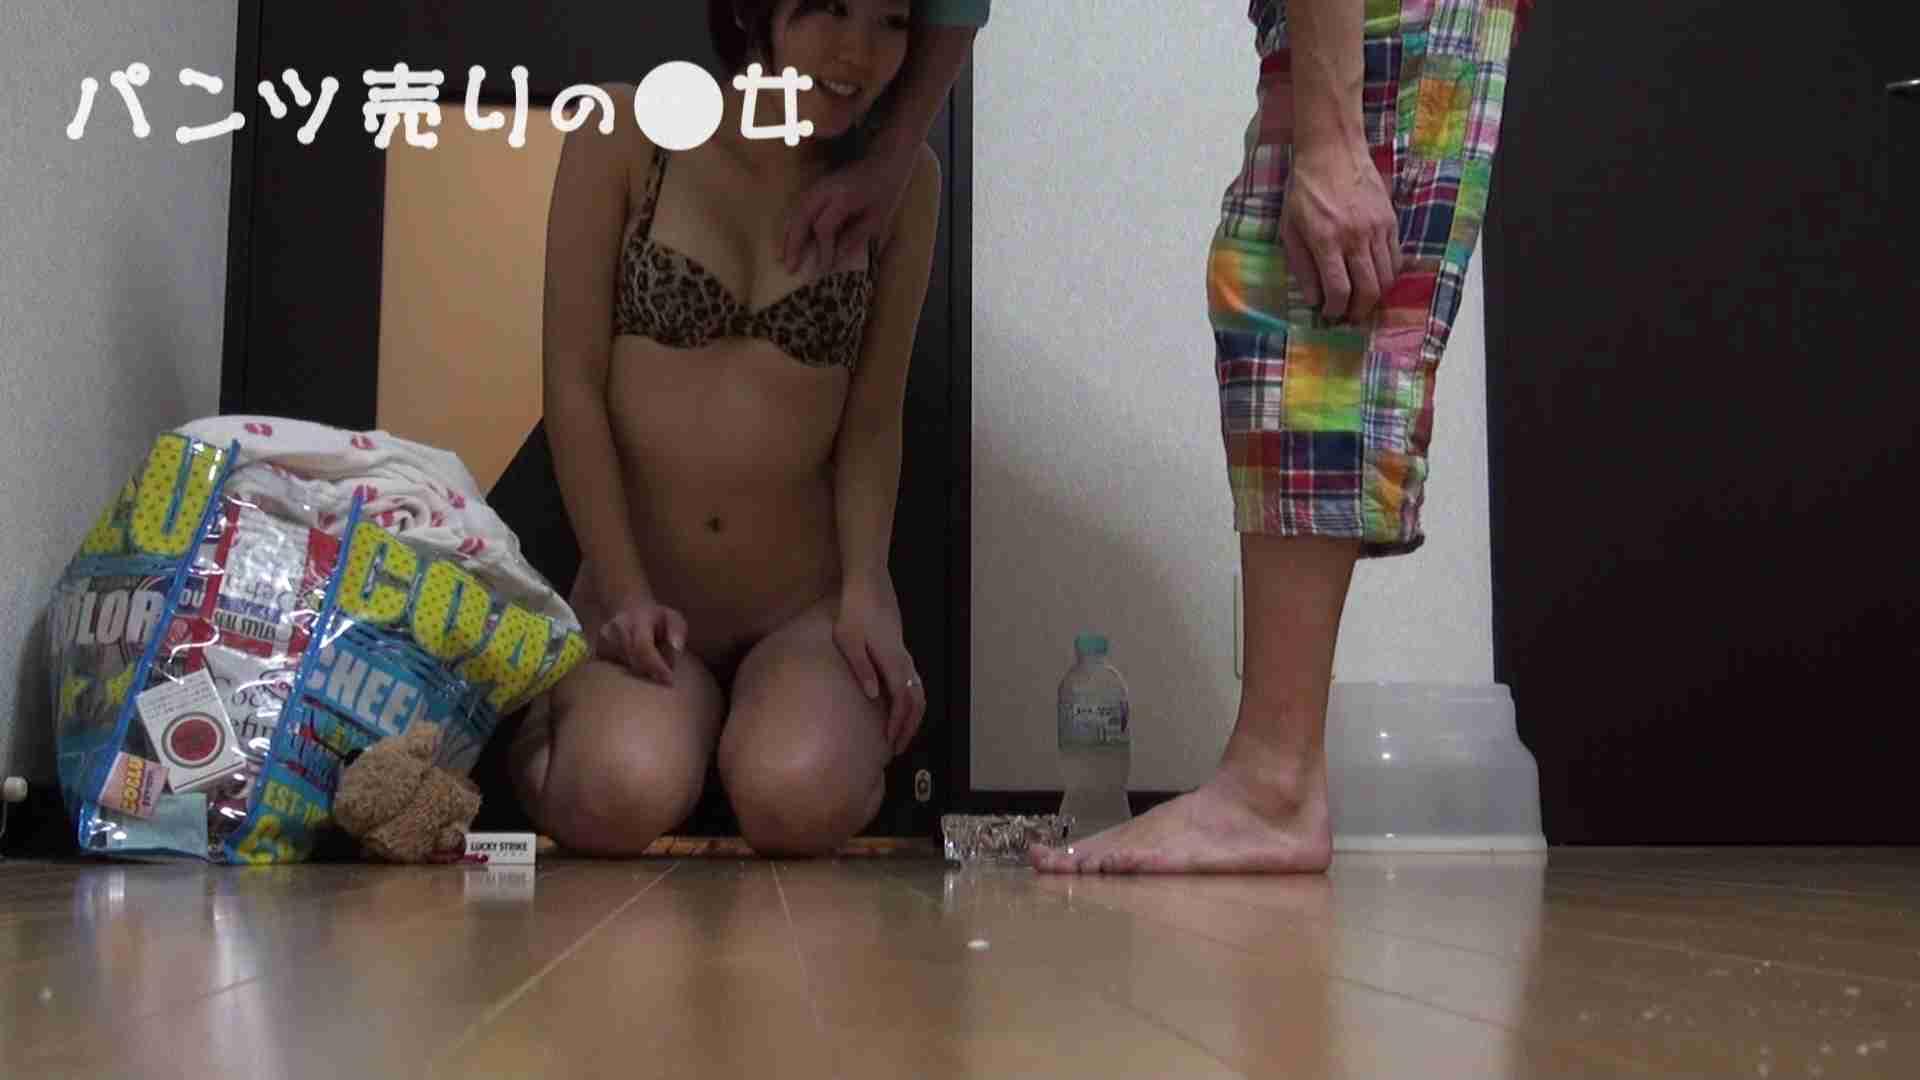 新説 パンツ売りの女の子nana02 覗き 隠し撮りオマンコ動画紹介 103PIX 15